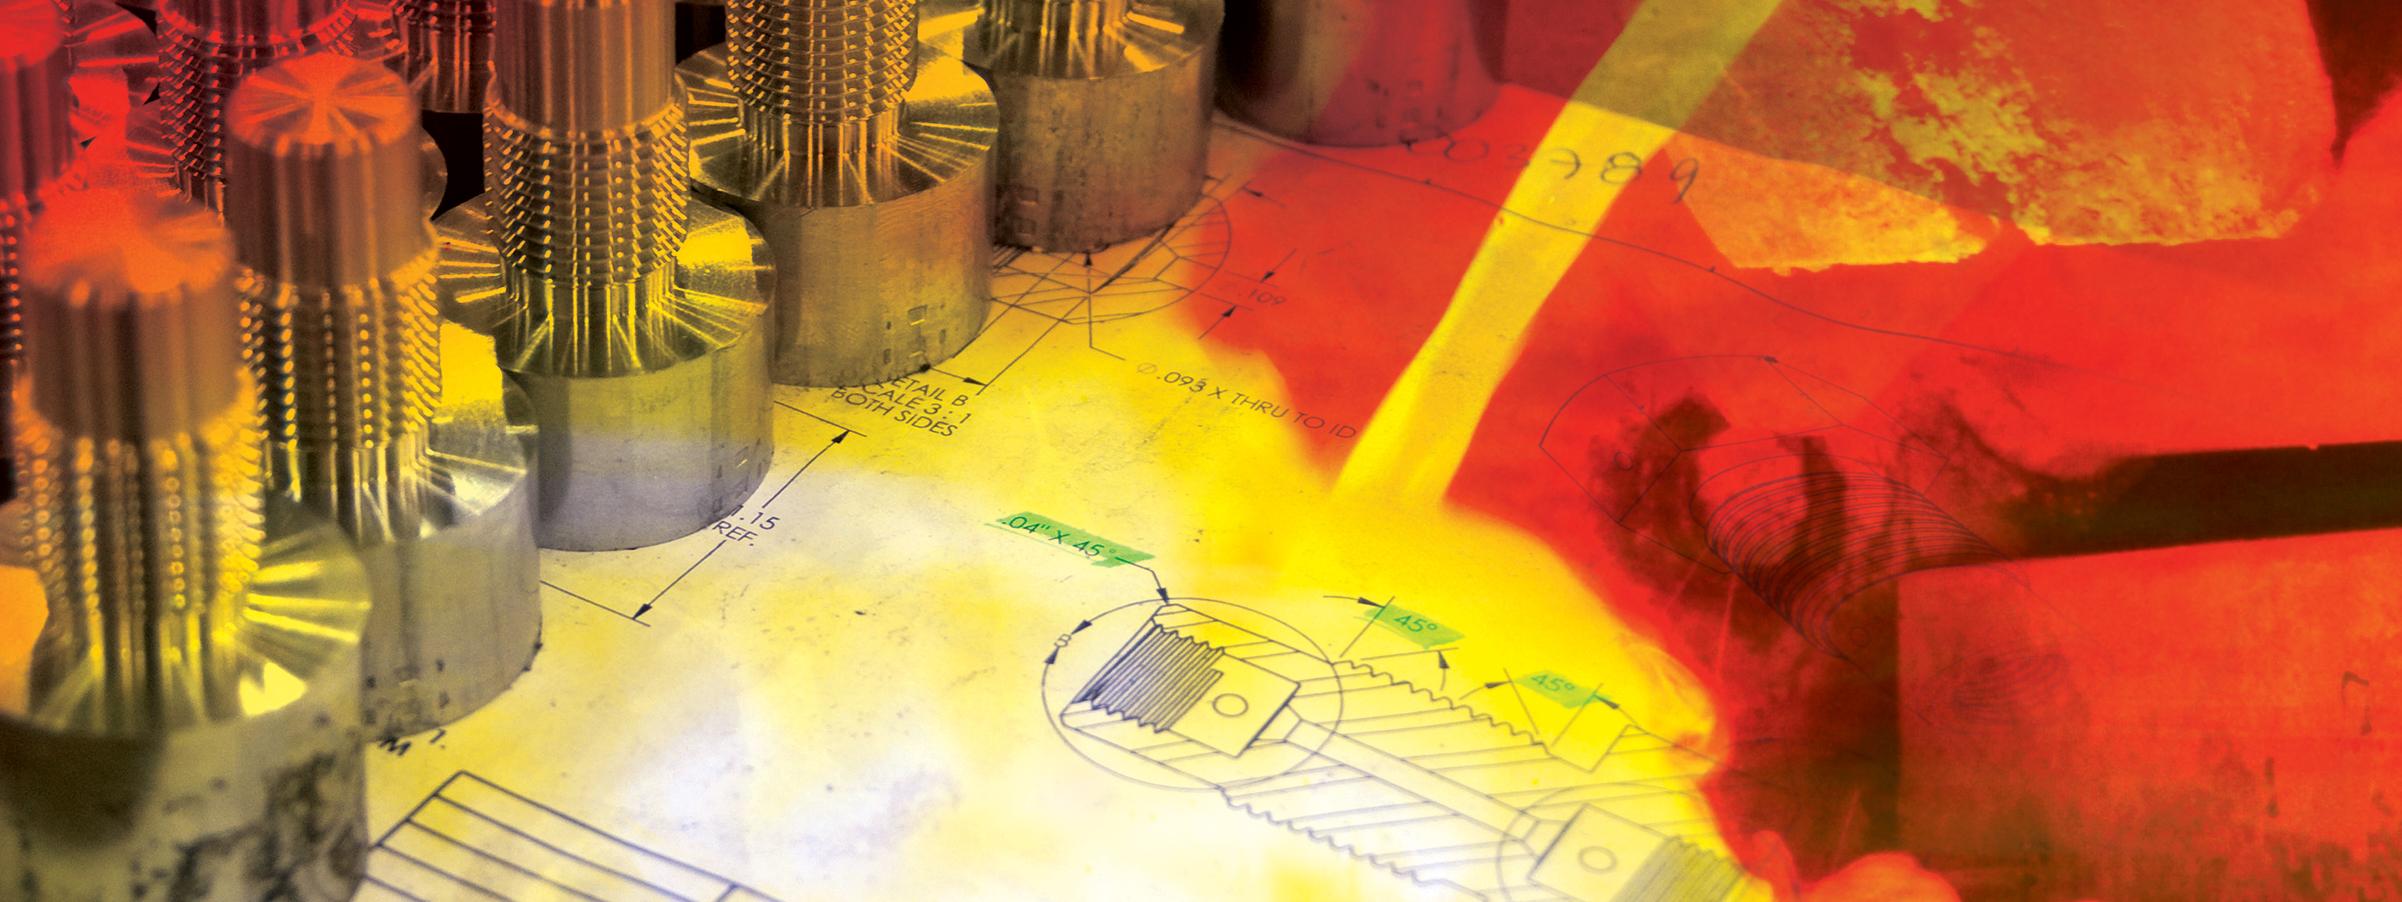 Petrochemical Rotating and Repairs